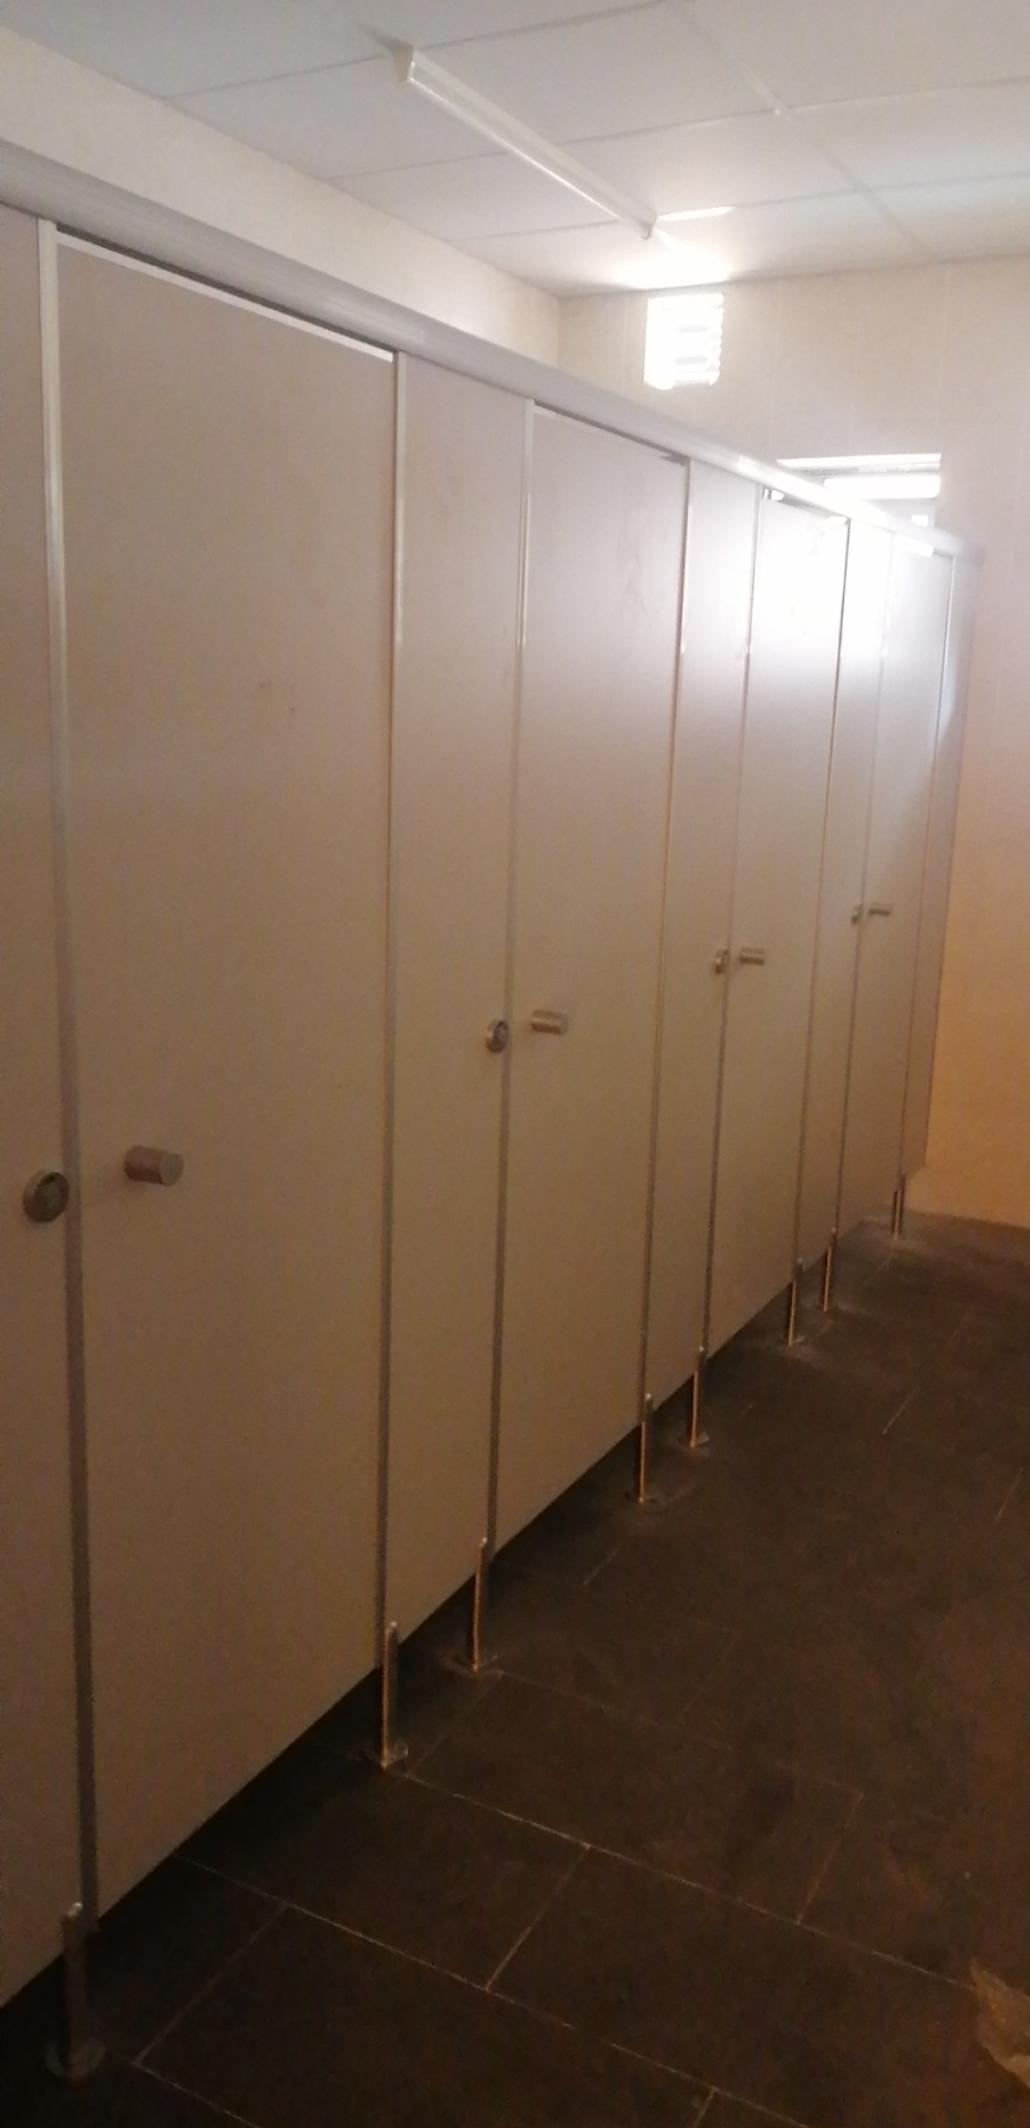 Khát quát dự án làm vách ngăn nhà vệ sinh